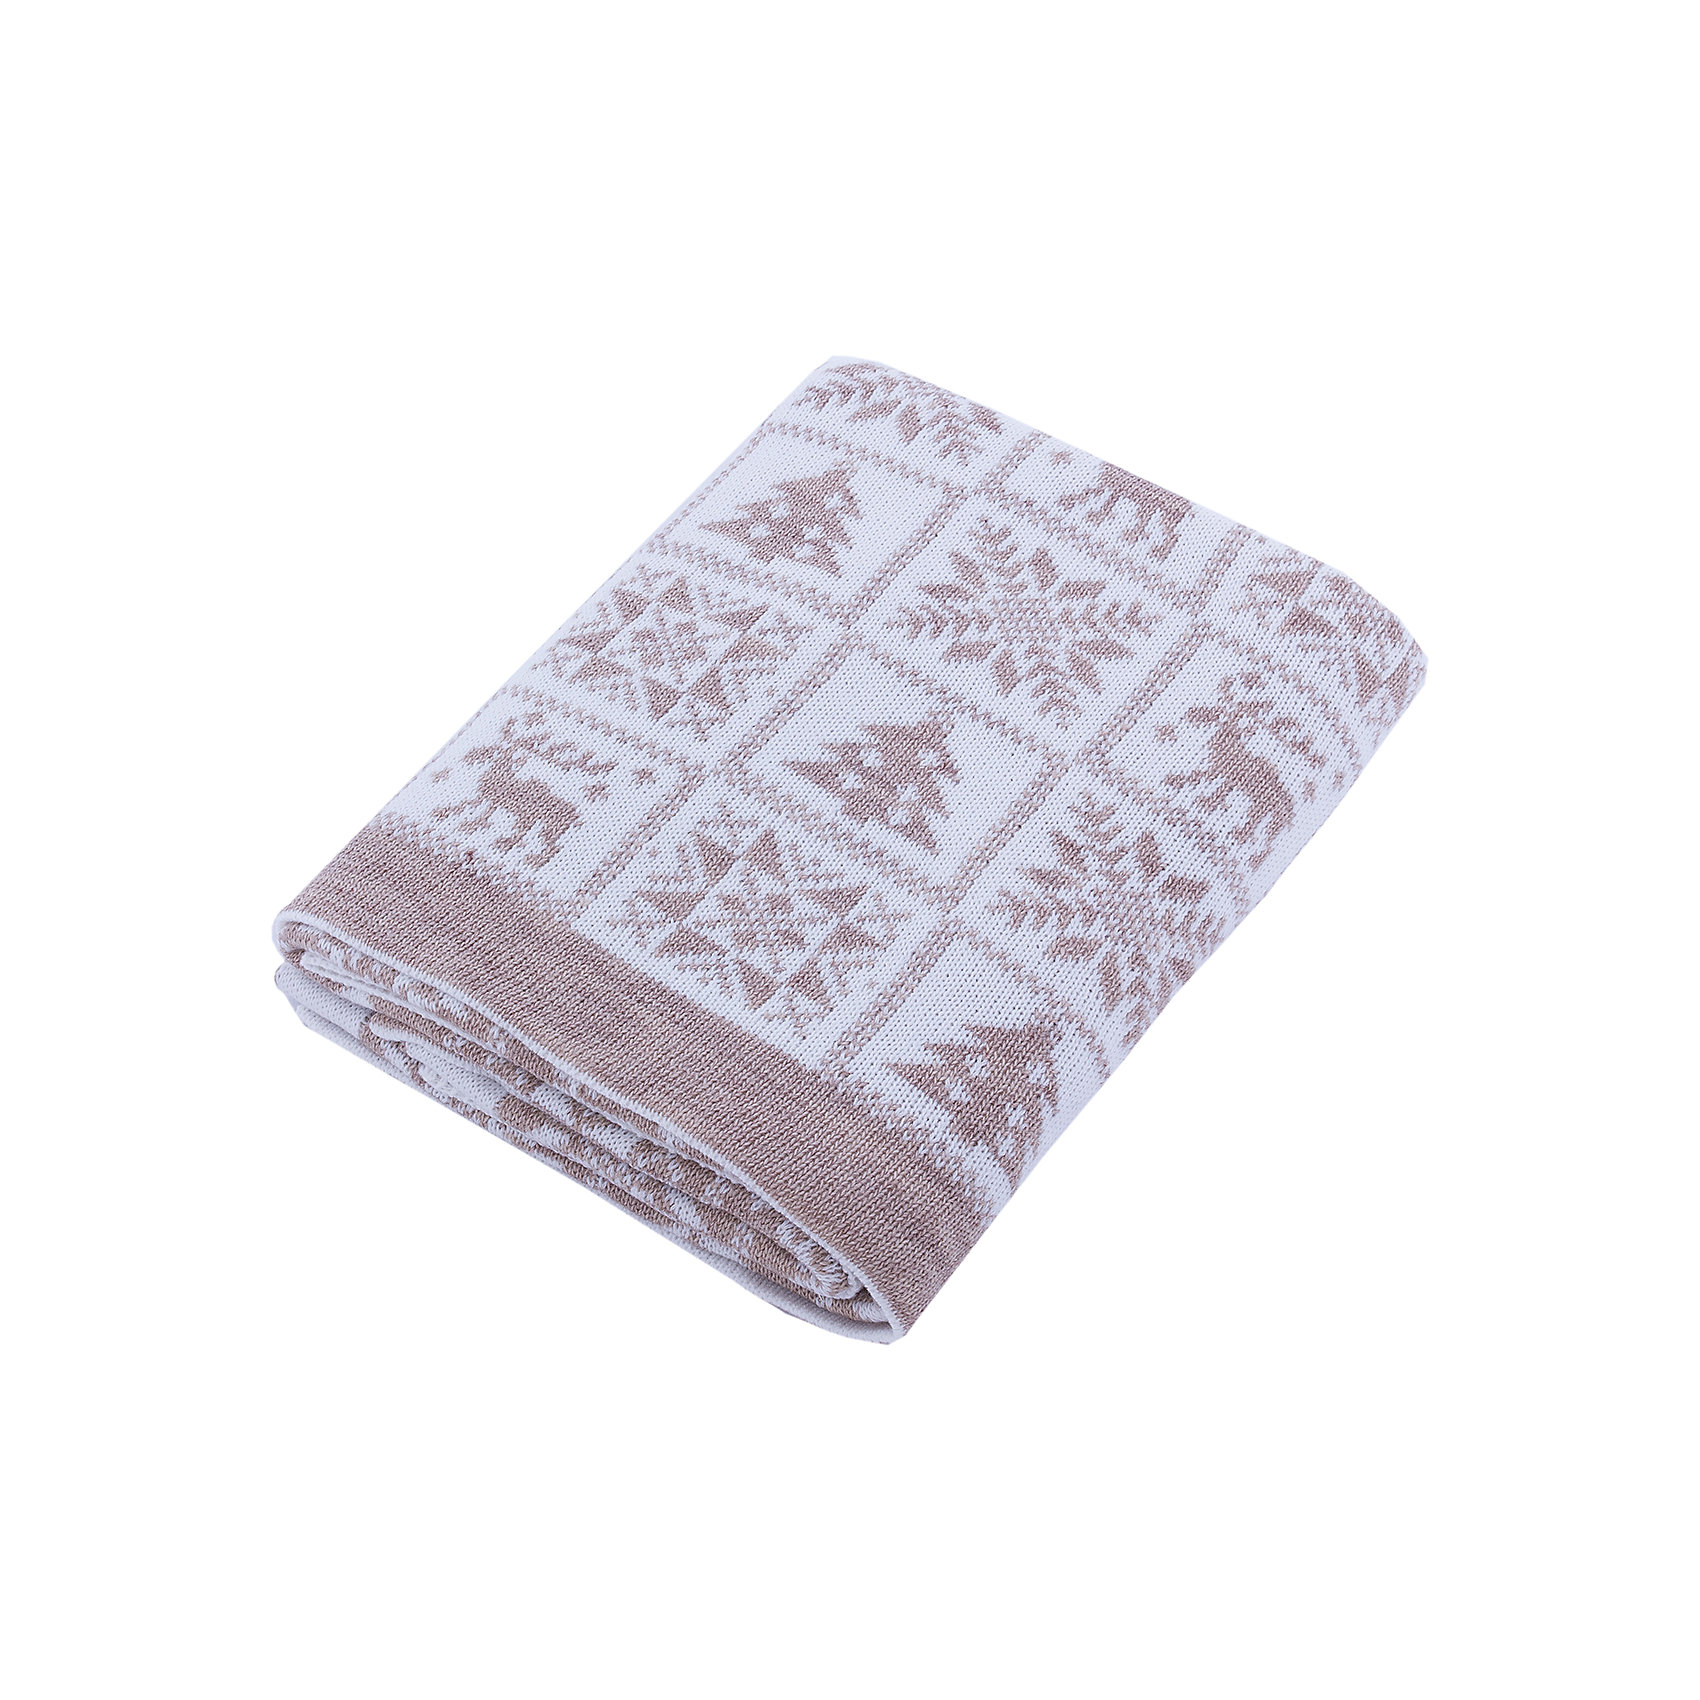 Плед Рождество Уси-ПусиПледы и одеяла<br>Характеристики товара:<br><br>• цвет: бежевый;<br>• ткань: вязаная;<br>• состав ткани: 50% шерсть, 50% пан;<br>• размер : 110х140 см;<br>• особенности модели: вязаная, с рисунком;<br>• сезон: демисезон;<br>• страна бренда: Россия;<br>• страна изготовитель: Россия.<br> <br>Полушерстяной вязанный плед «Рождество» будет прекрасным дополнением в гардеробе Вашего малыша в любое время года. <br><br>Ровная машинная вязка с рождественским детским рисунком напомнит лучшие детские мгновения, порадует Вас и малыша теплотой и простотой по уходу за изделием. Пледом можно прикрыть спящего малыша дома, на улице или в машине. <br><br>Вязанный плед «Рождество»  Уси-Пуси можно купить в нашем интернет-магазине.<br><br>Ширина мм: 37<br>Глубина мм: 4<br>Высота мм: 25<br>Вес г: 430<br>Цвет: бежевый<br>Возраст от месяцев: 0<br>Возраст до месяцев: 24<br>Пол: Унисекс<br>Возраст: Детский<br>Размер: one size<br>SKU: 7029552